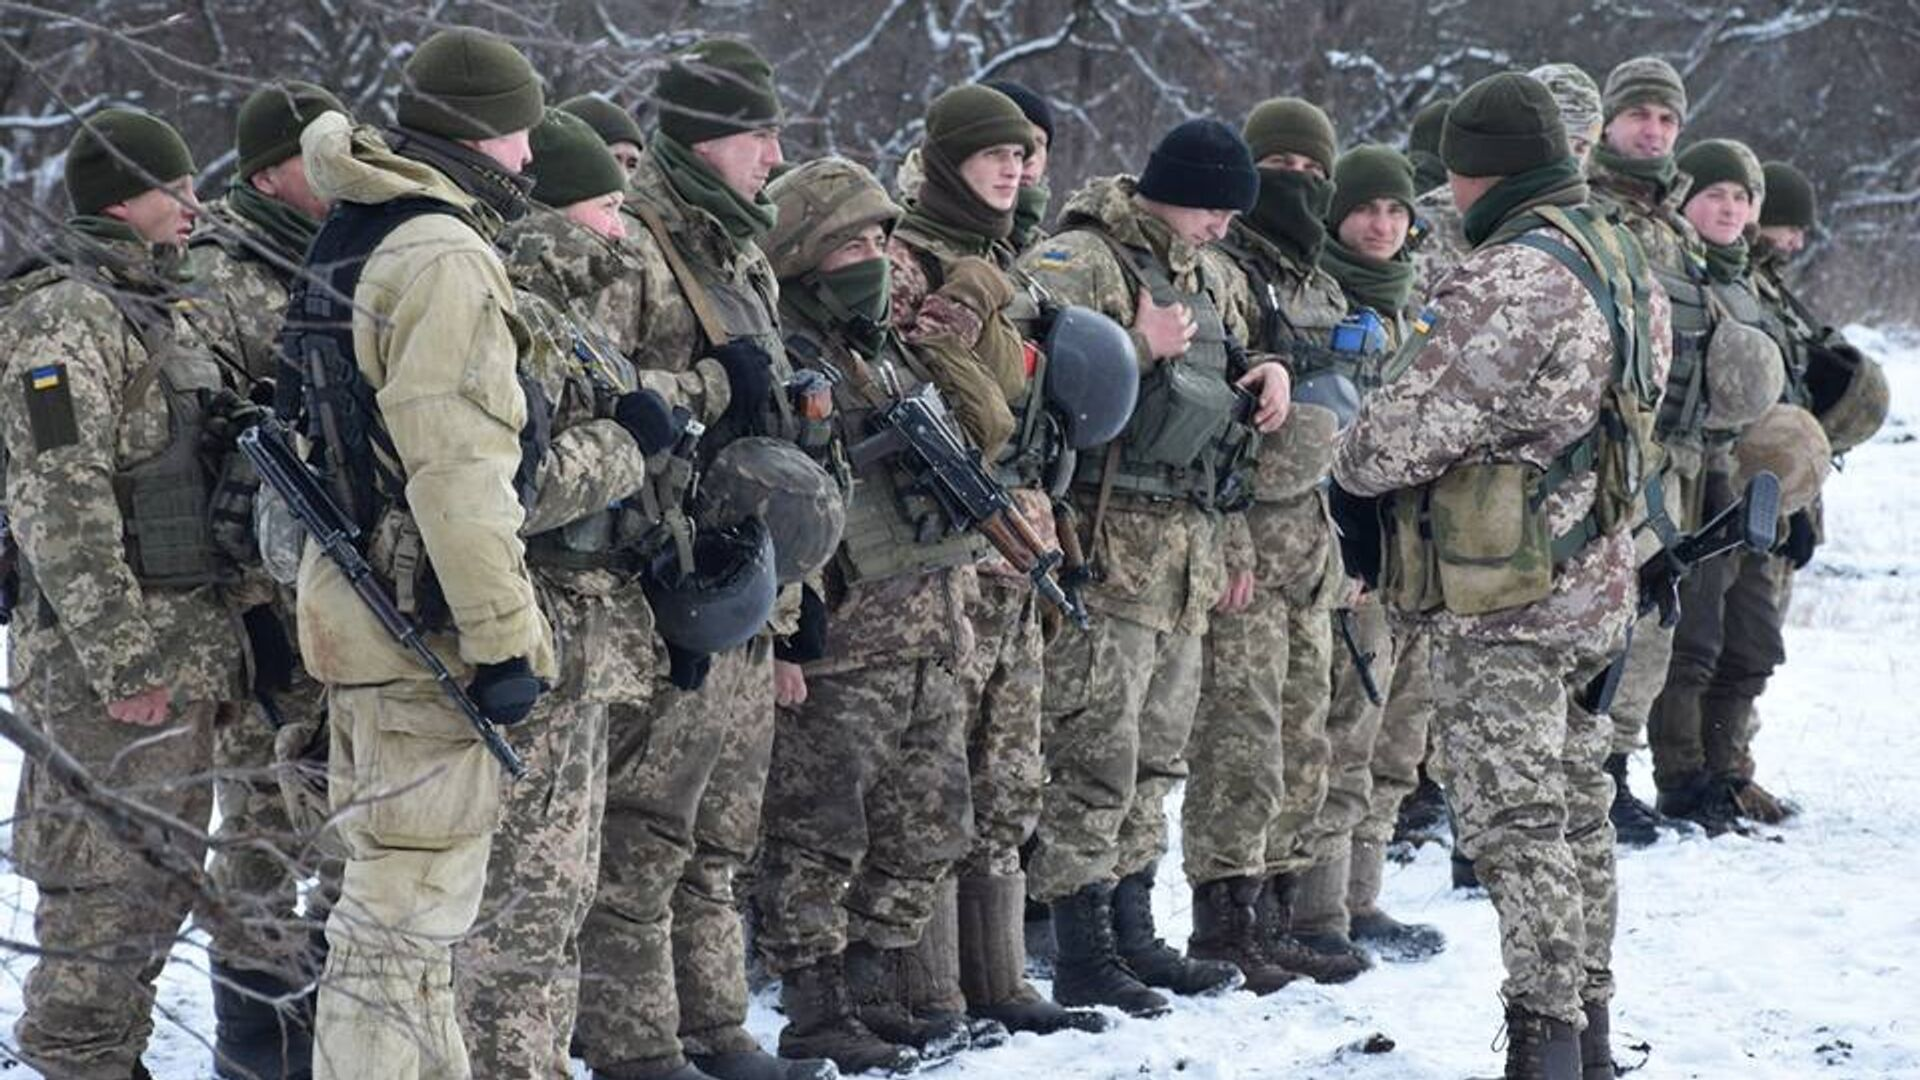 Военнослужащие вооруженных сил Украины на линии разграничения в Донбассе - РИА Новости, 1920, 02.01.2021